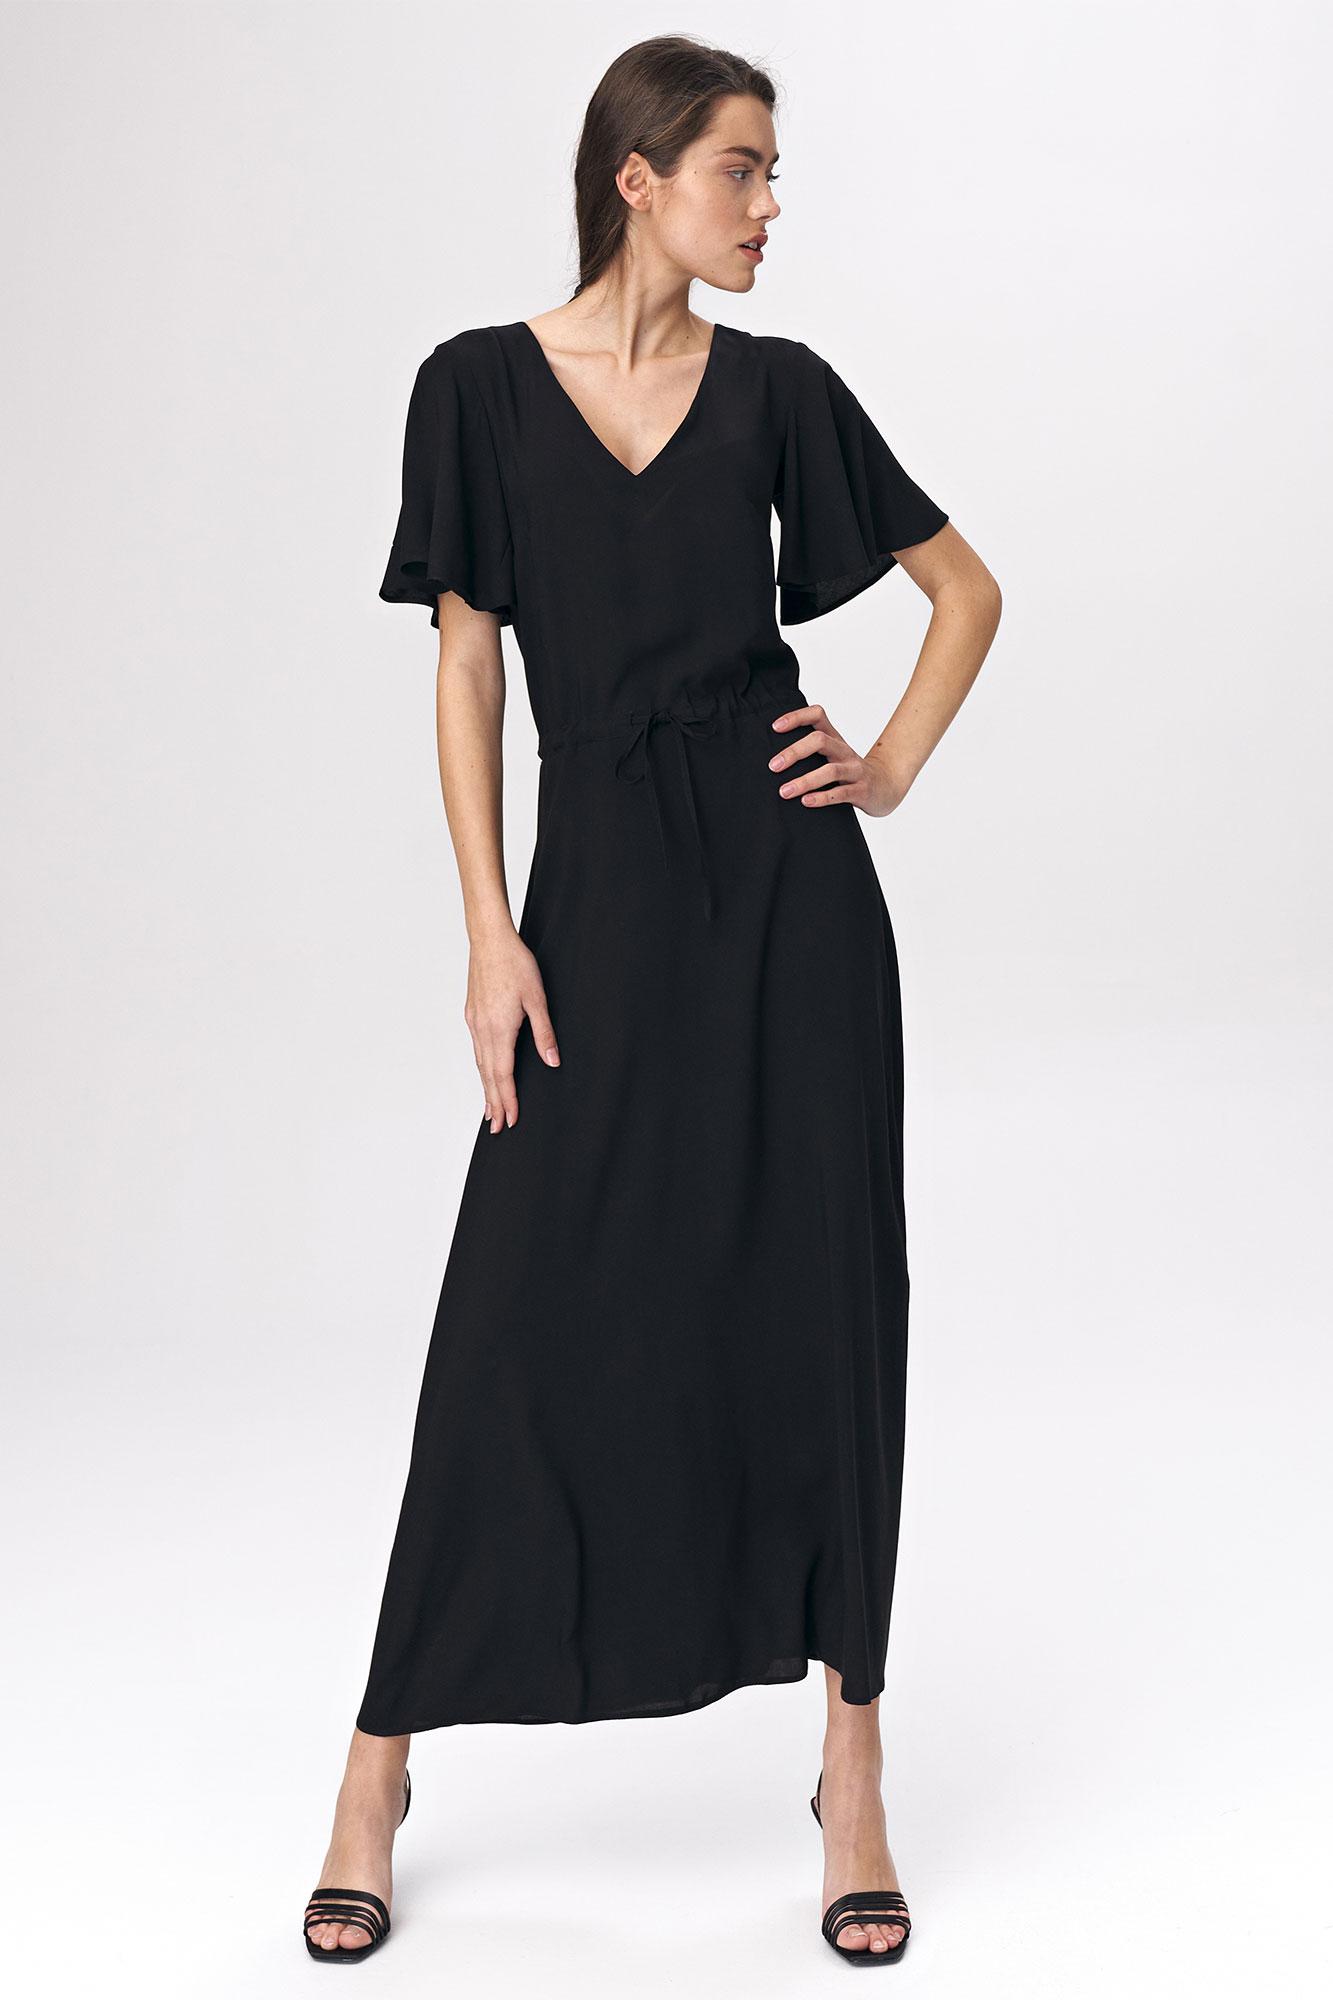 Nife - Czarna sukienka maxi z rozkloszowanym rękawem 1